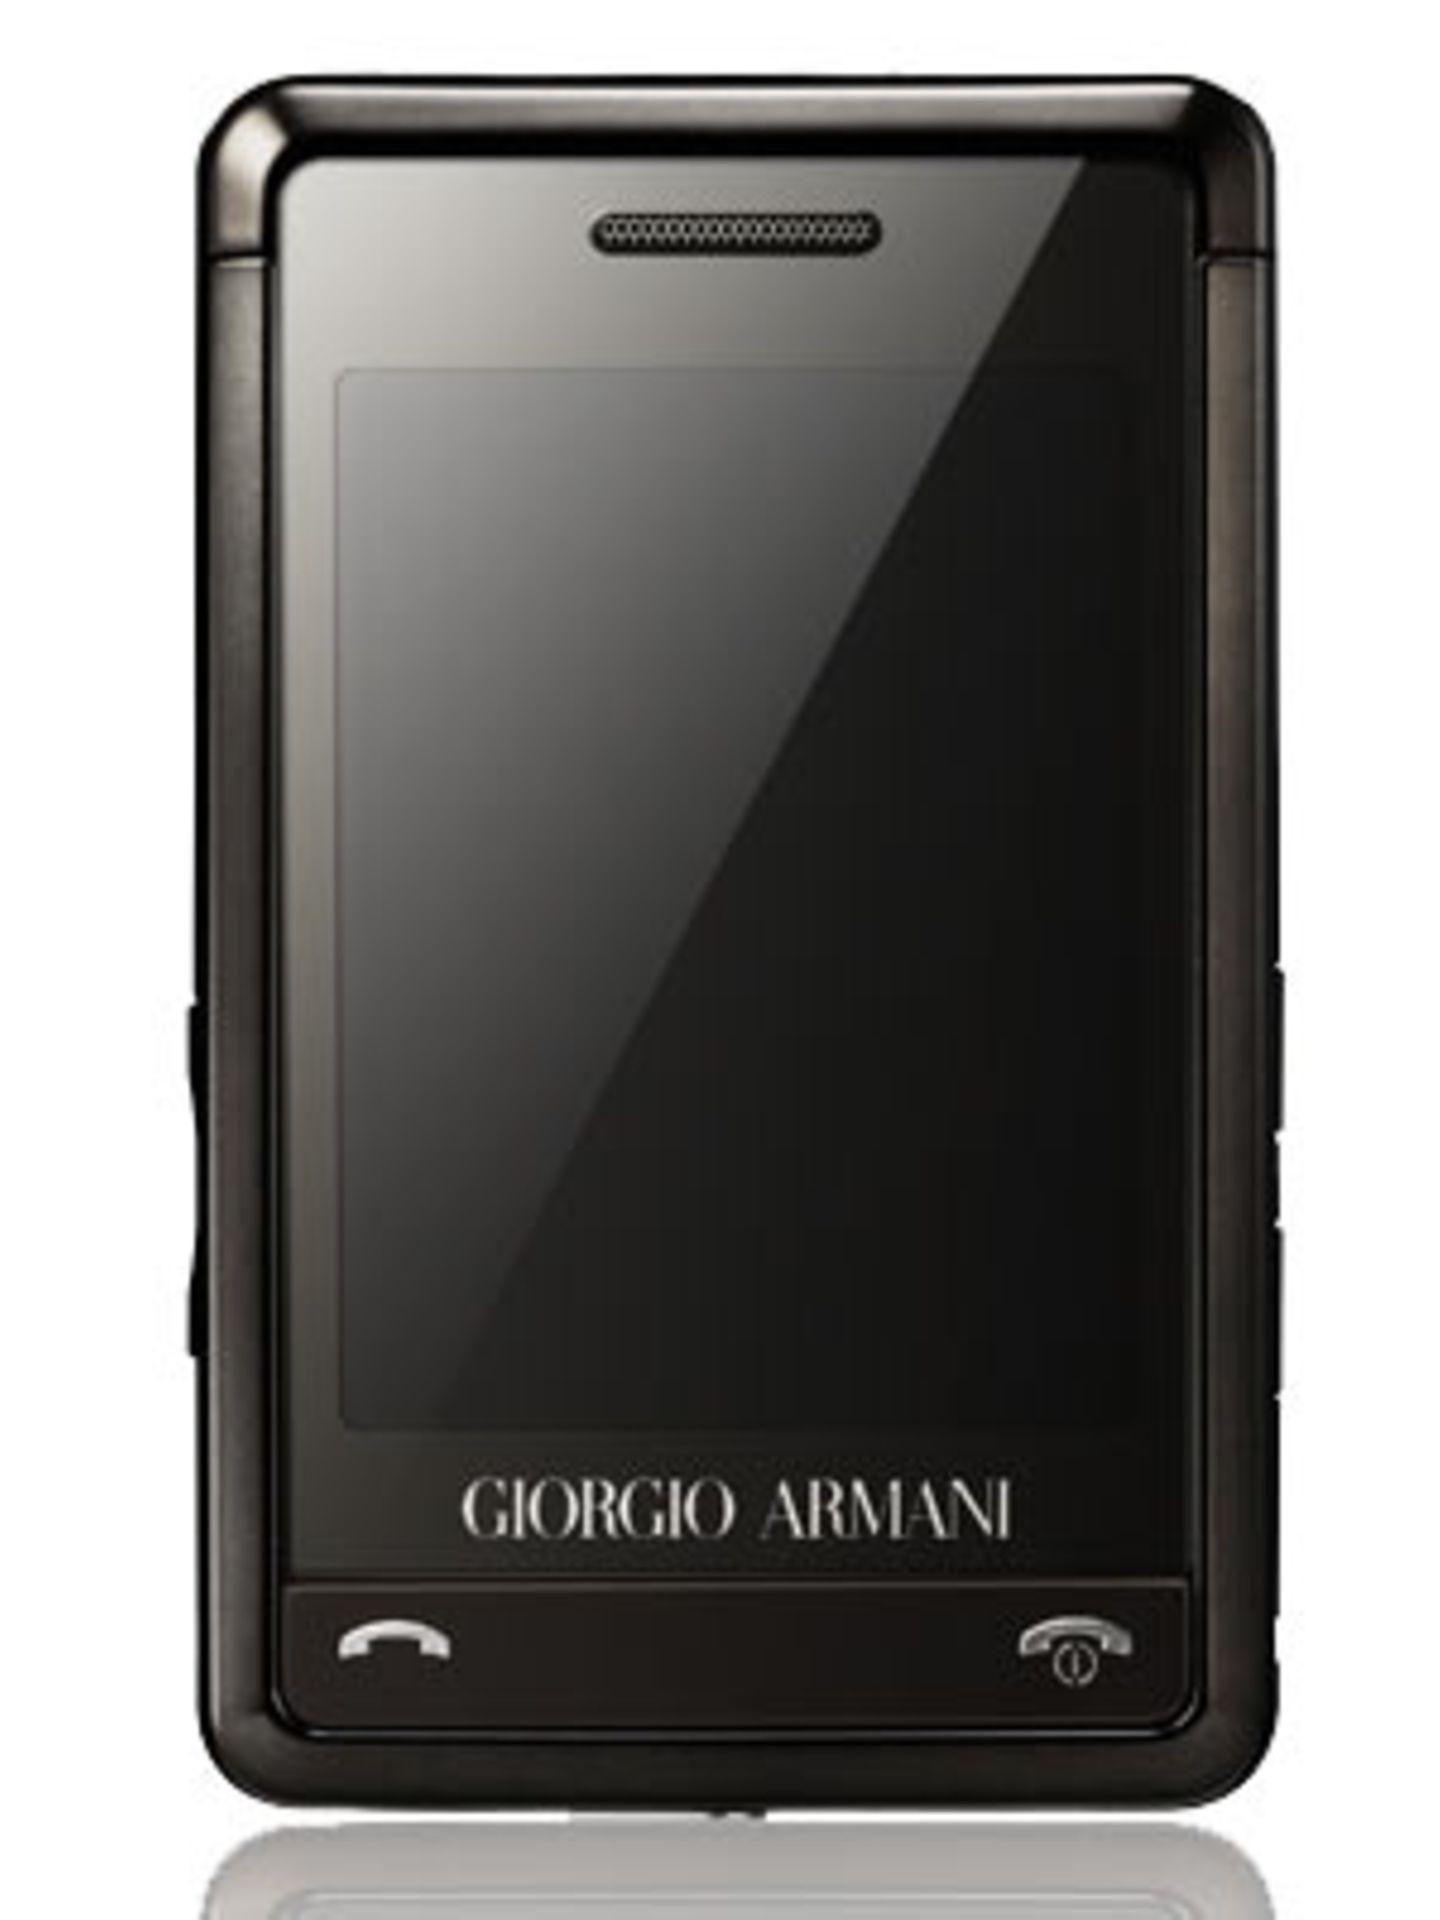 """""""Samsung Giorgio Armani"""" Ein echter Armani für die Handtasche: Das Handy von Samsung ist das Leichtgewicht in unserer Frühlingskollektion. 8,8 Zentimeter groß, 5,5 Zentimeter breit, 1 Zentimeter dick und gerade einmal 75 Gramm schwer - wenn das keine Modelmaße sind! Um 290 Euro ohne Vertrag."""